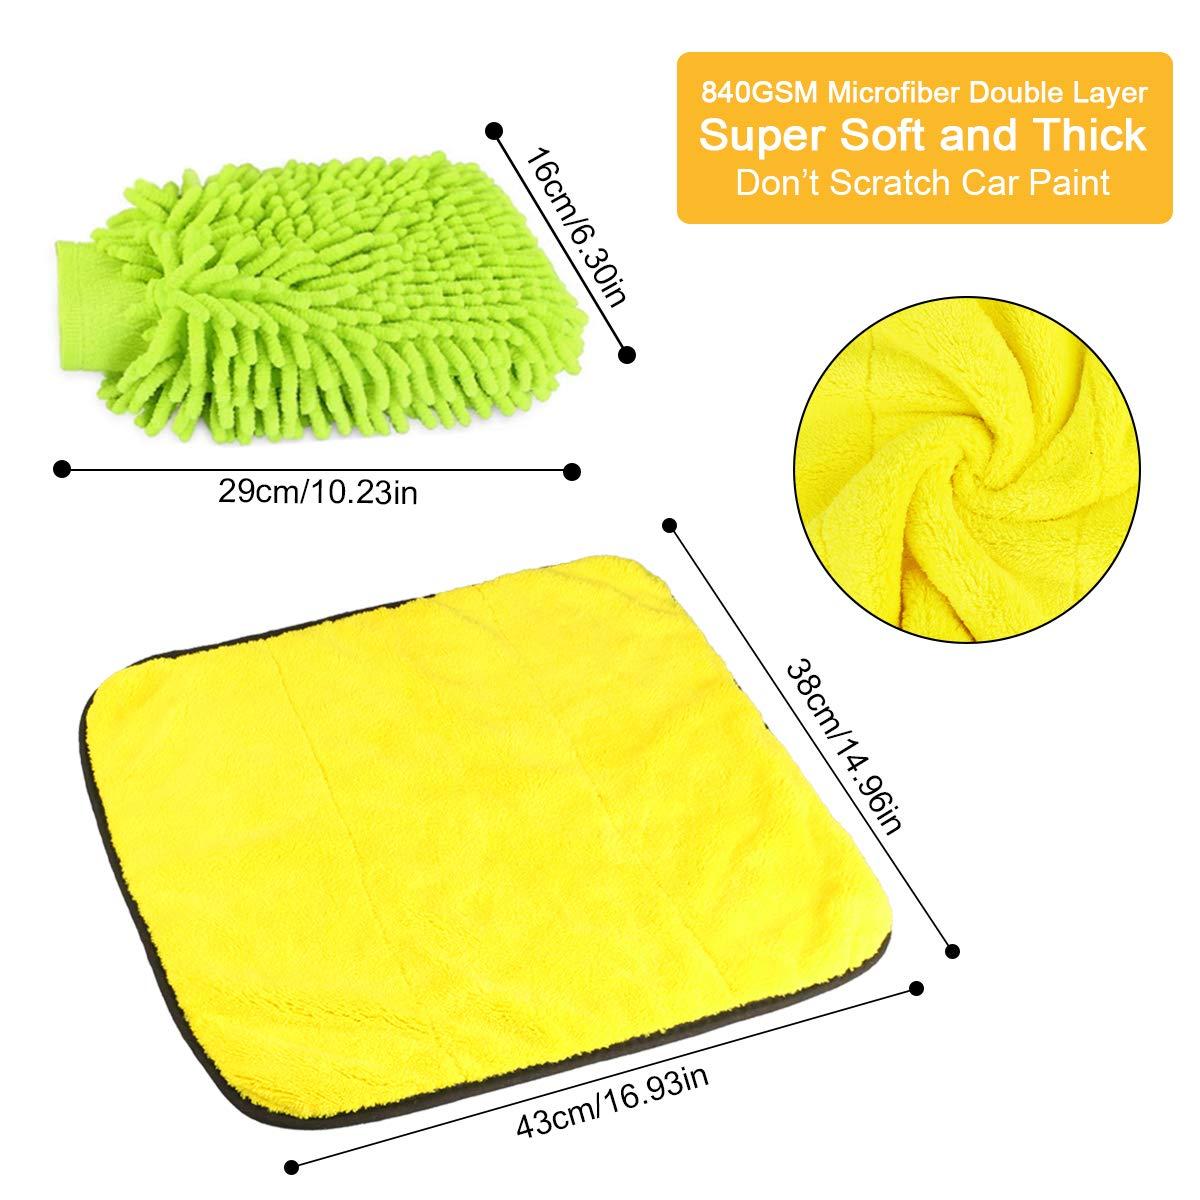 Fixget 840GSM de Limpieza de Coches, 3pcs Microfibra paños de ...